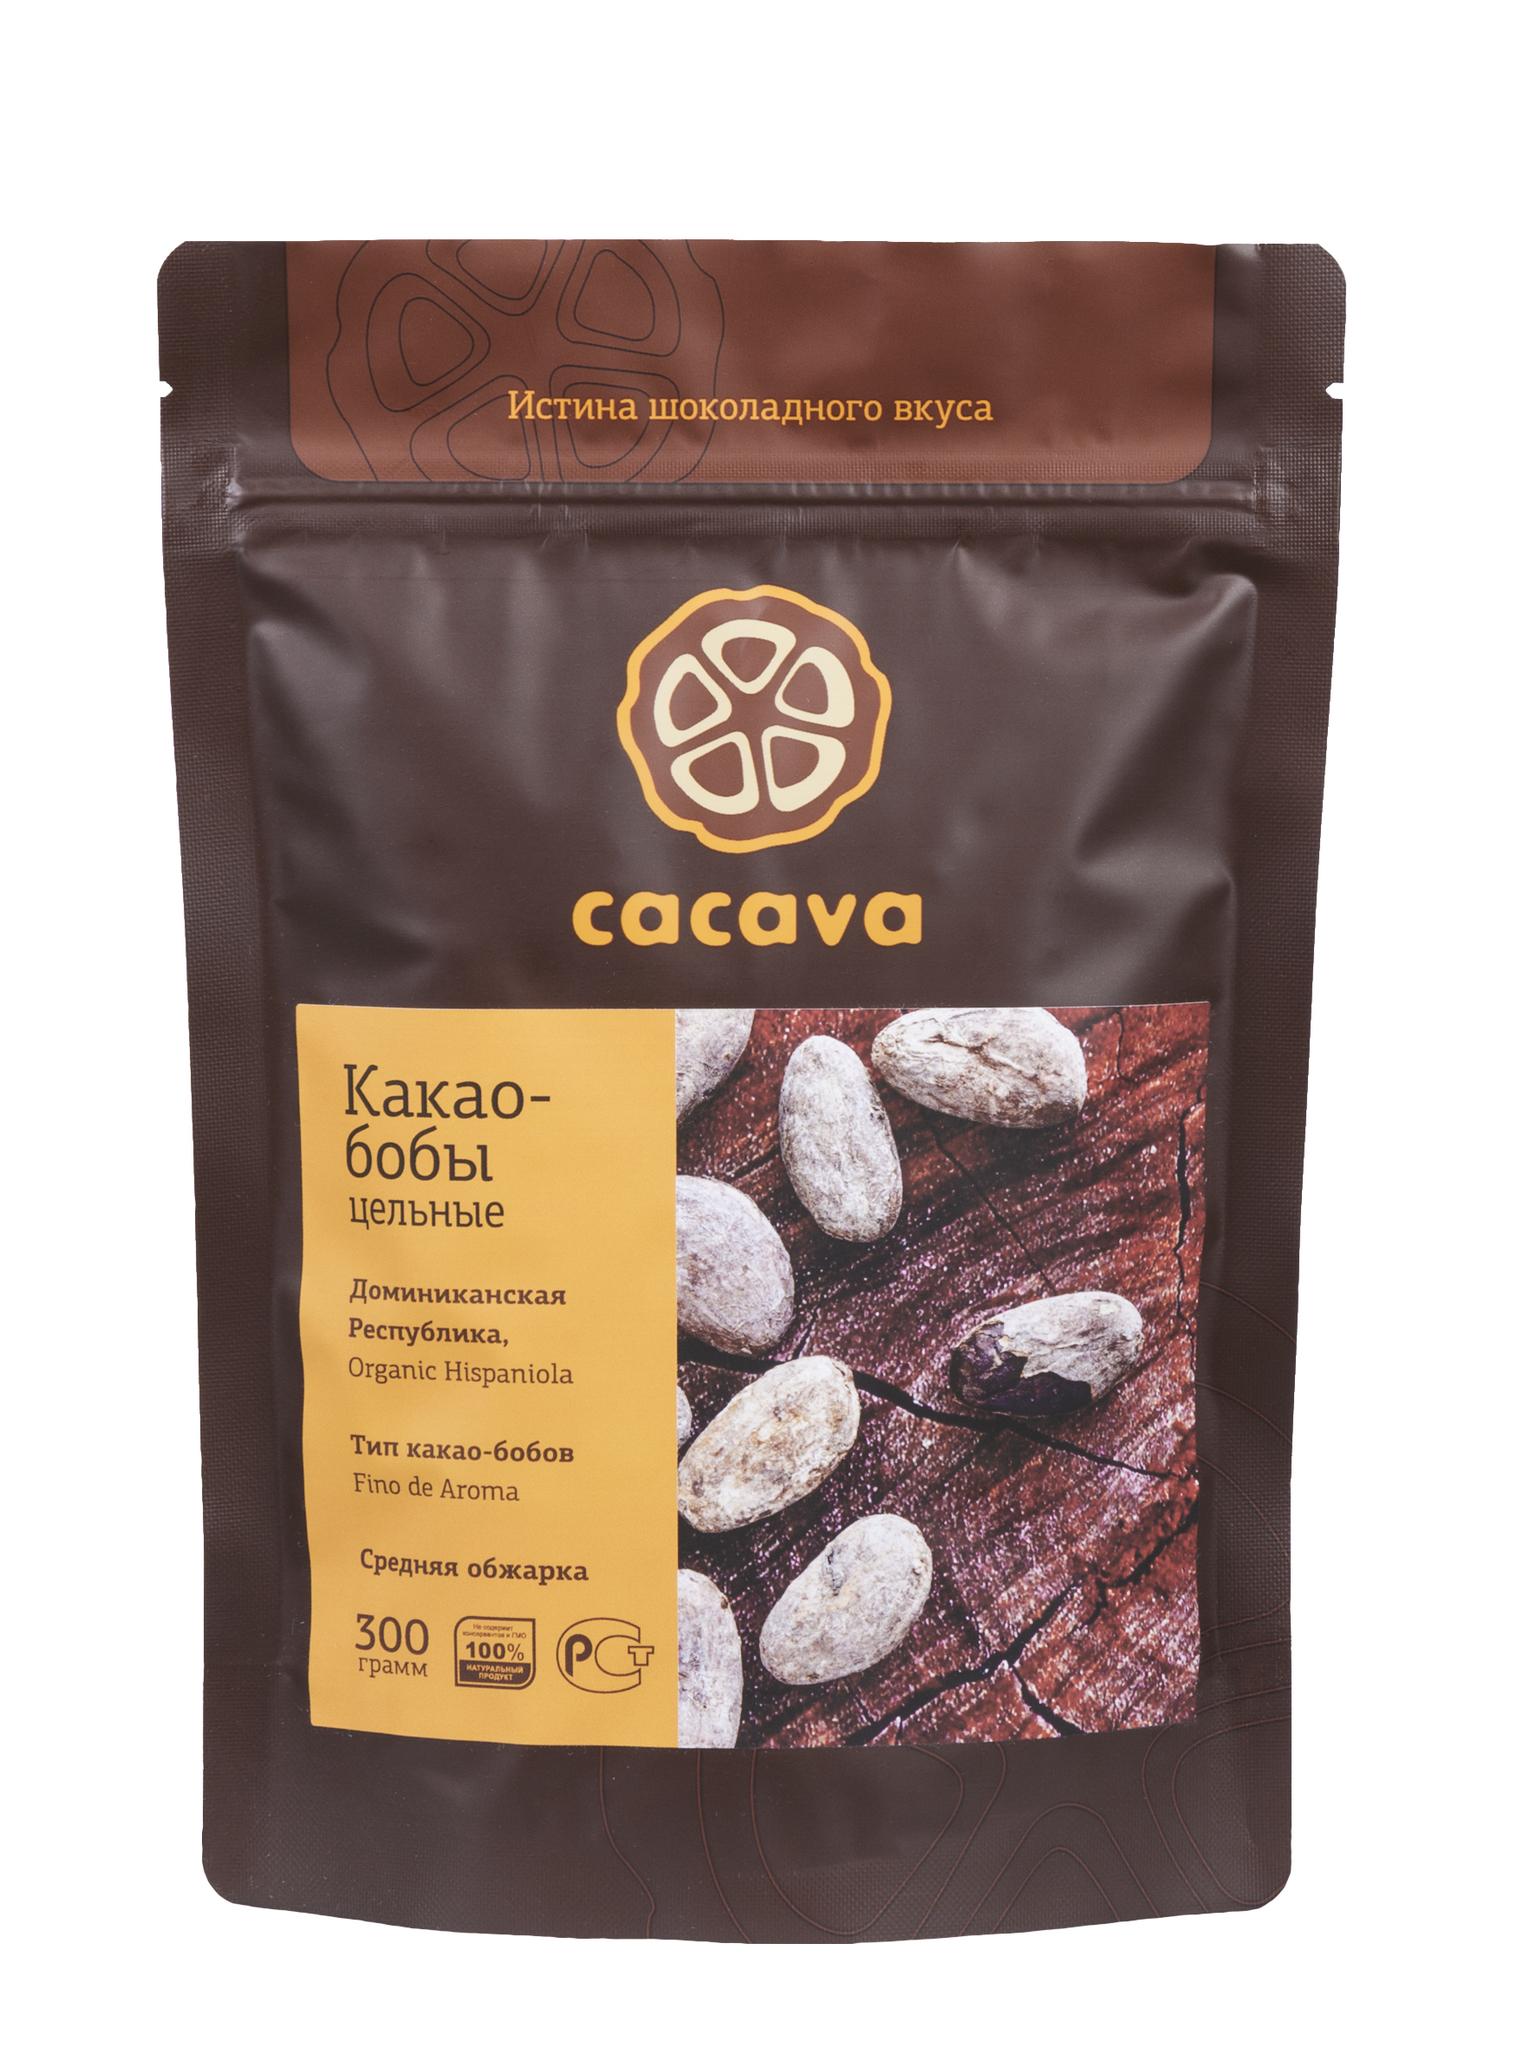 Какао-бобы цельные (Доминикана), упаковка 300 грамм